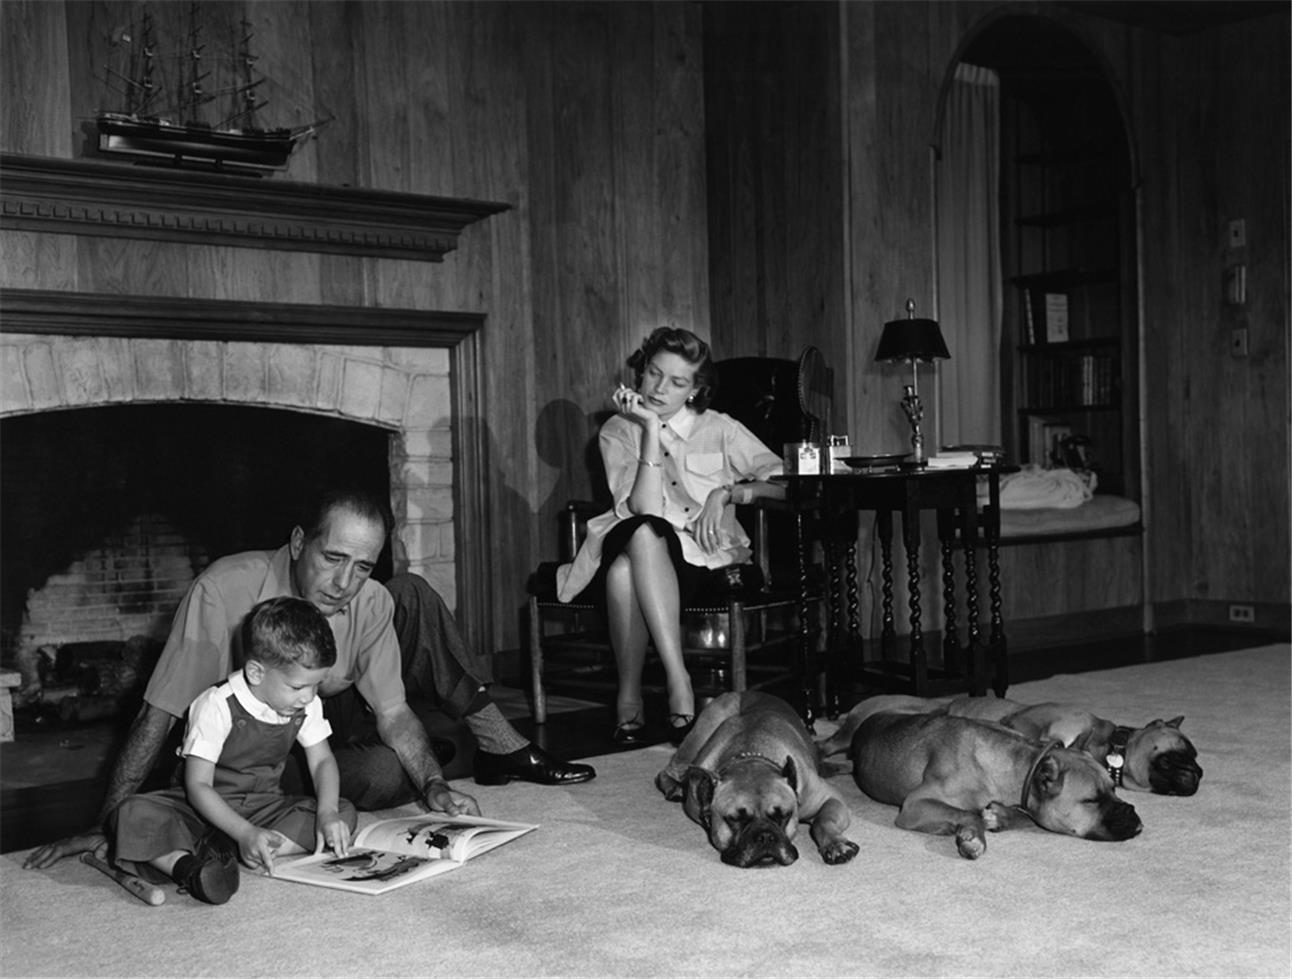 1952. Хамфри Богарт и Лорен Бэколл